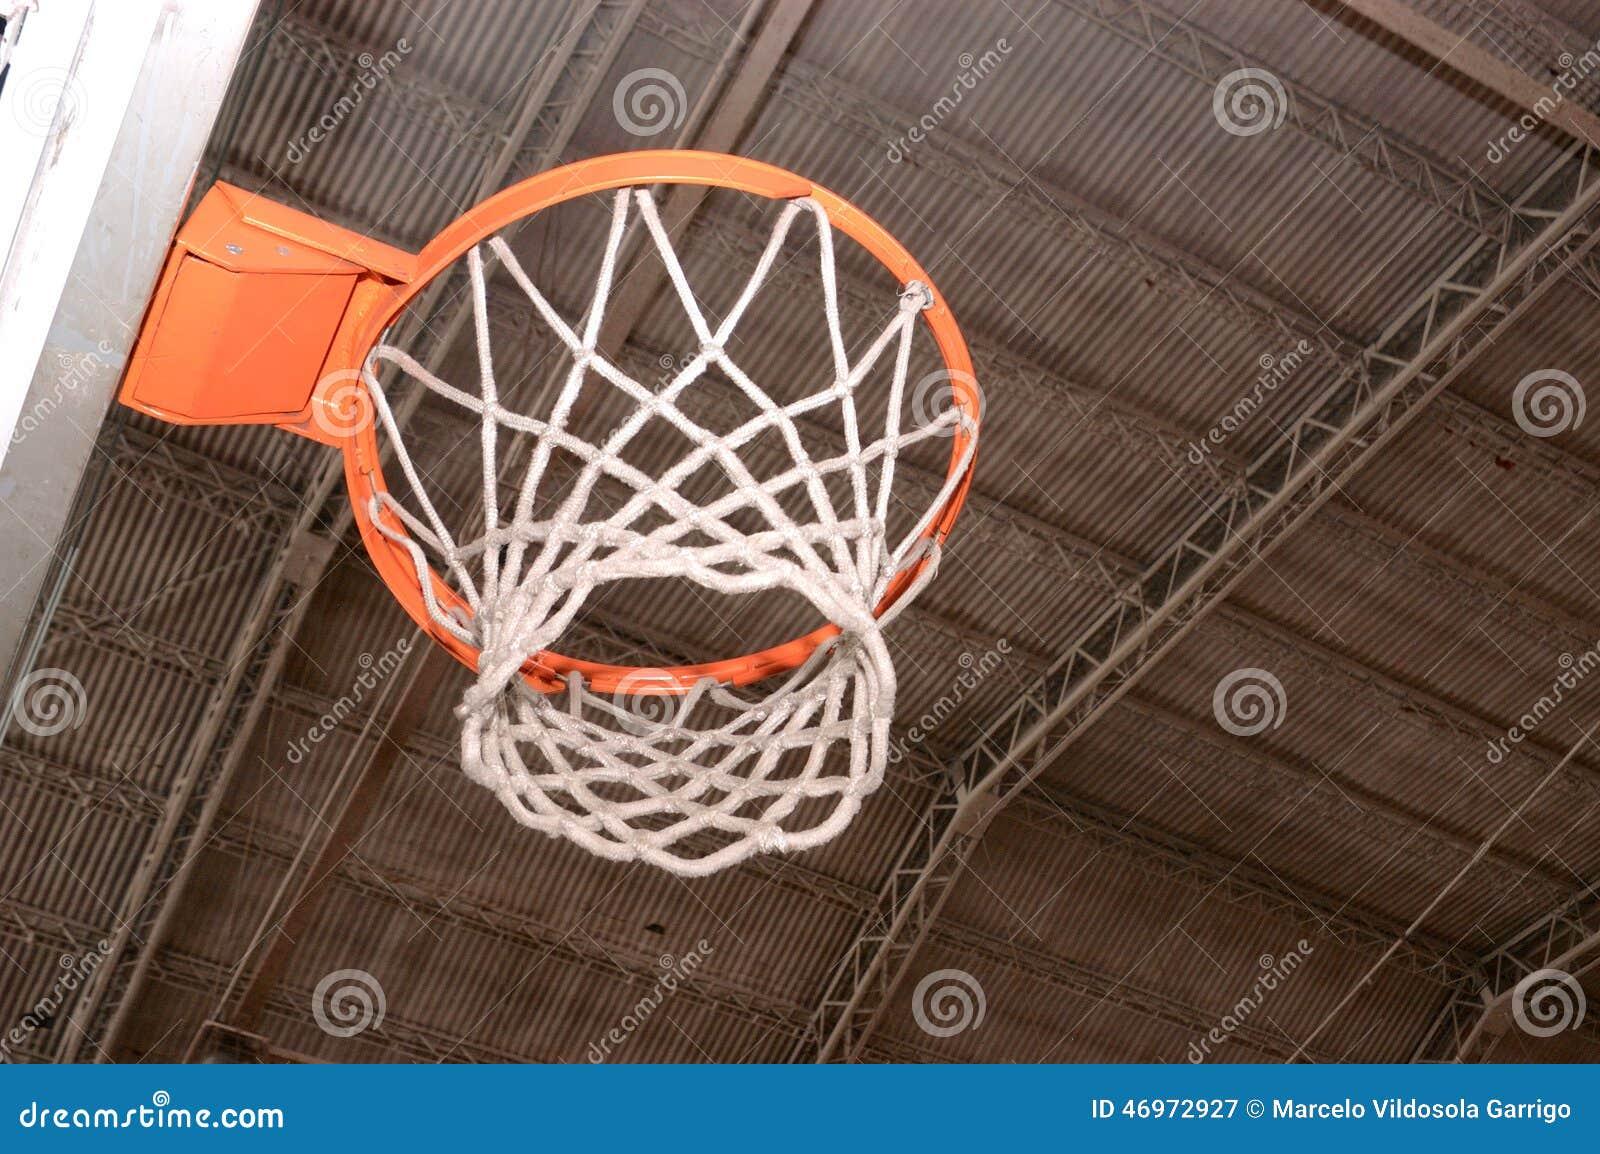 Aro de basquetebol